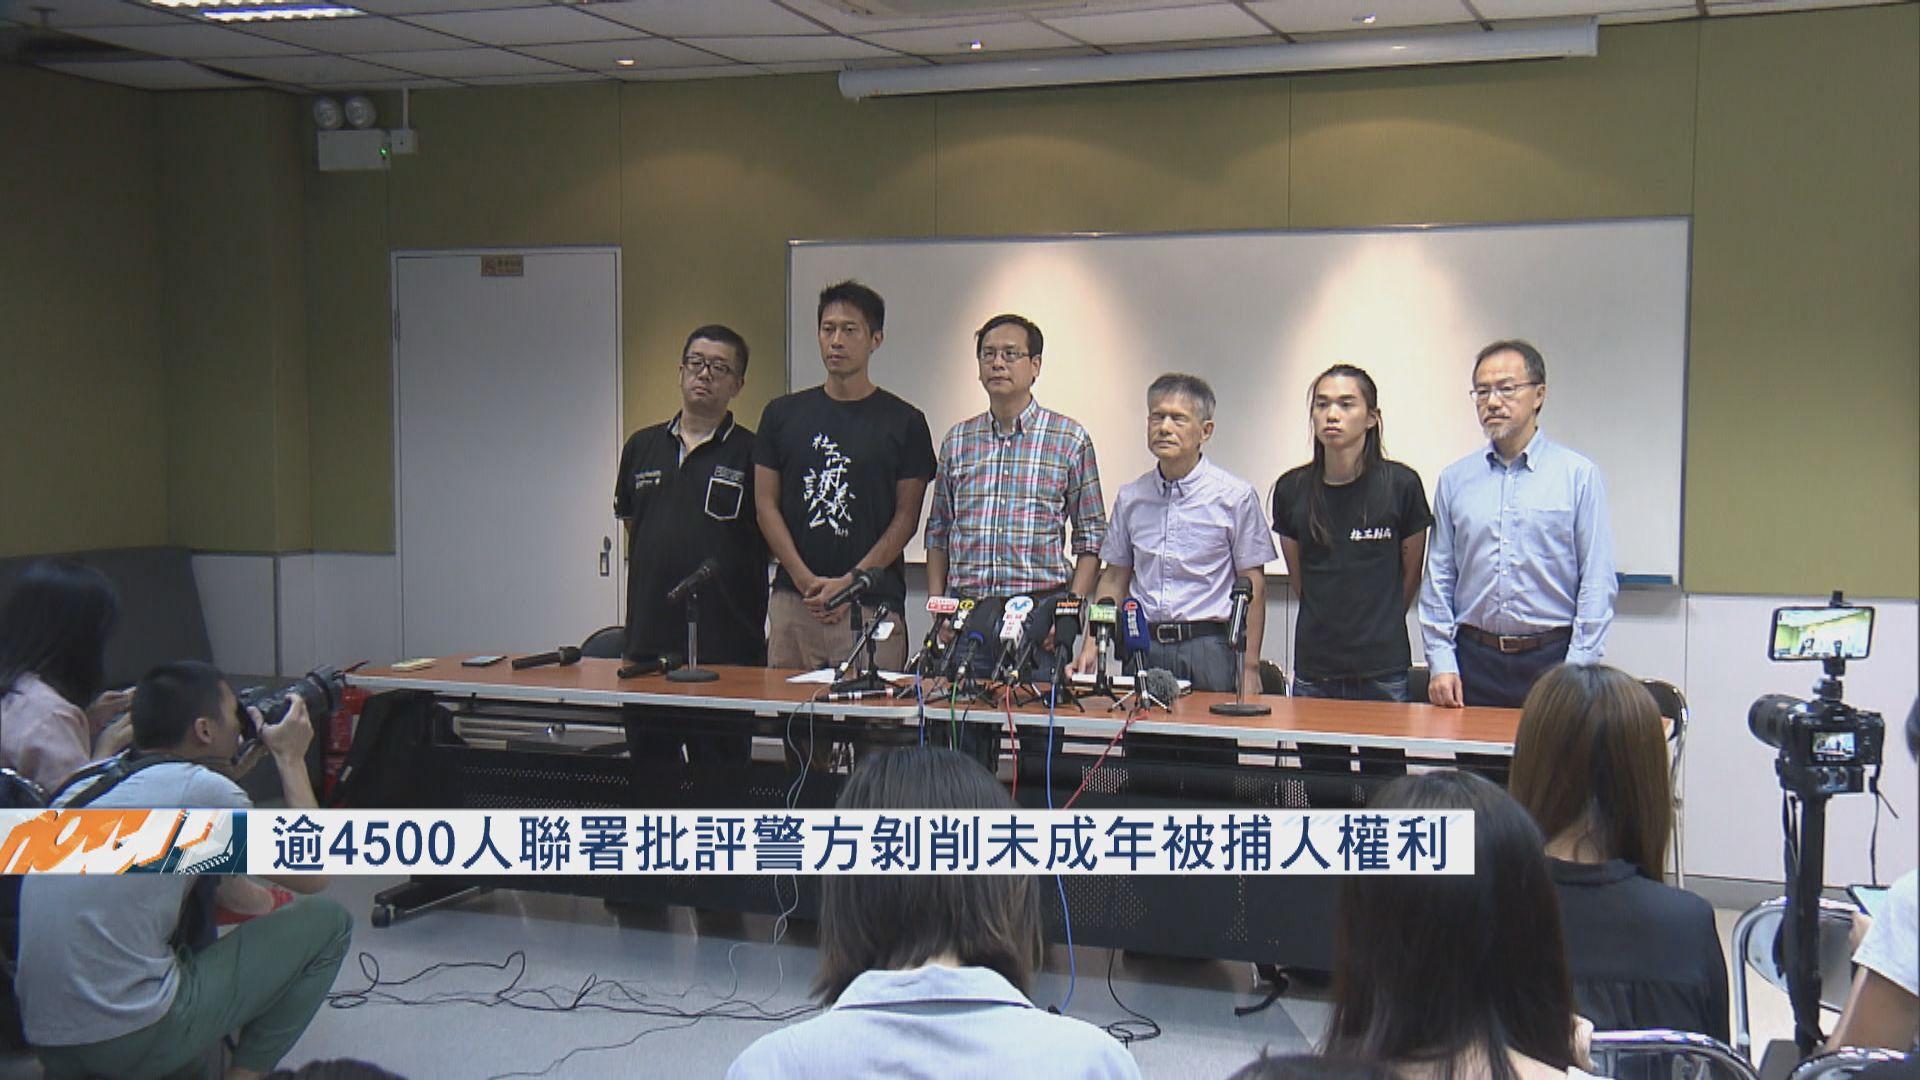 警方被批剝削未成年被捕人權利 聯署發起人擬向聯國申訴